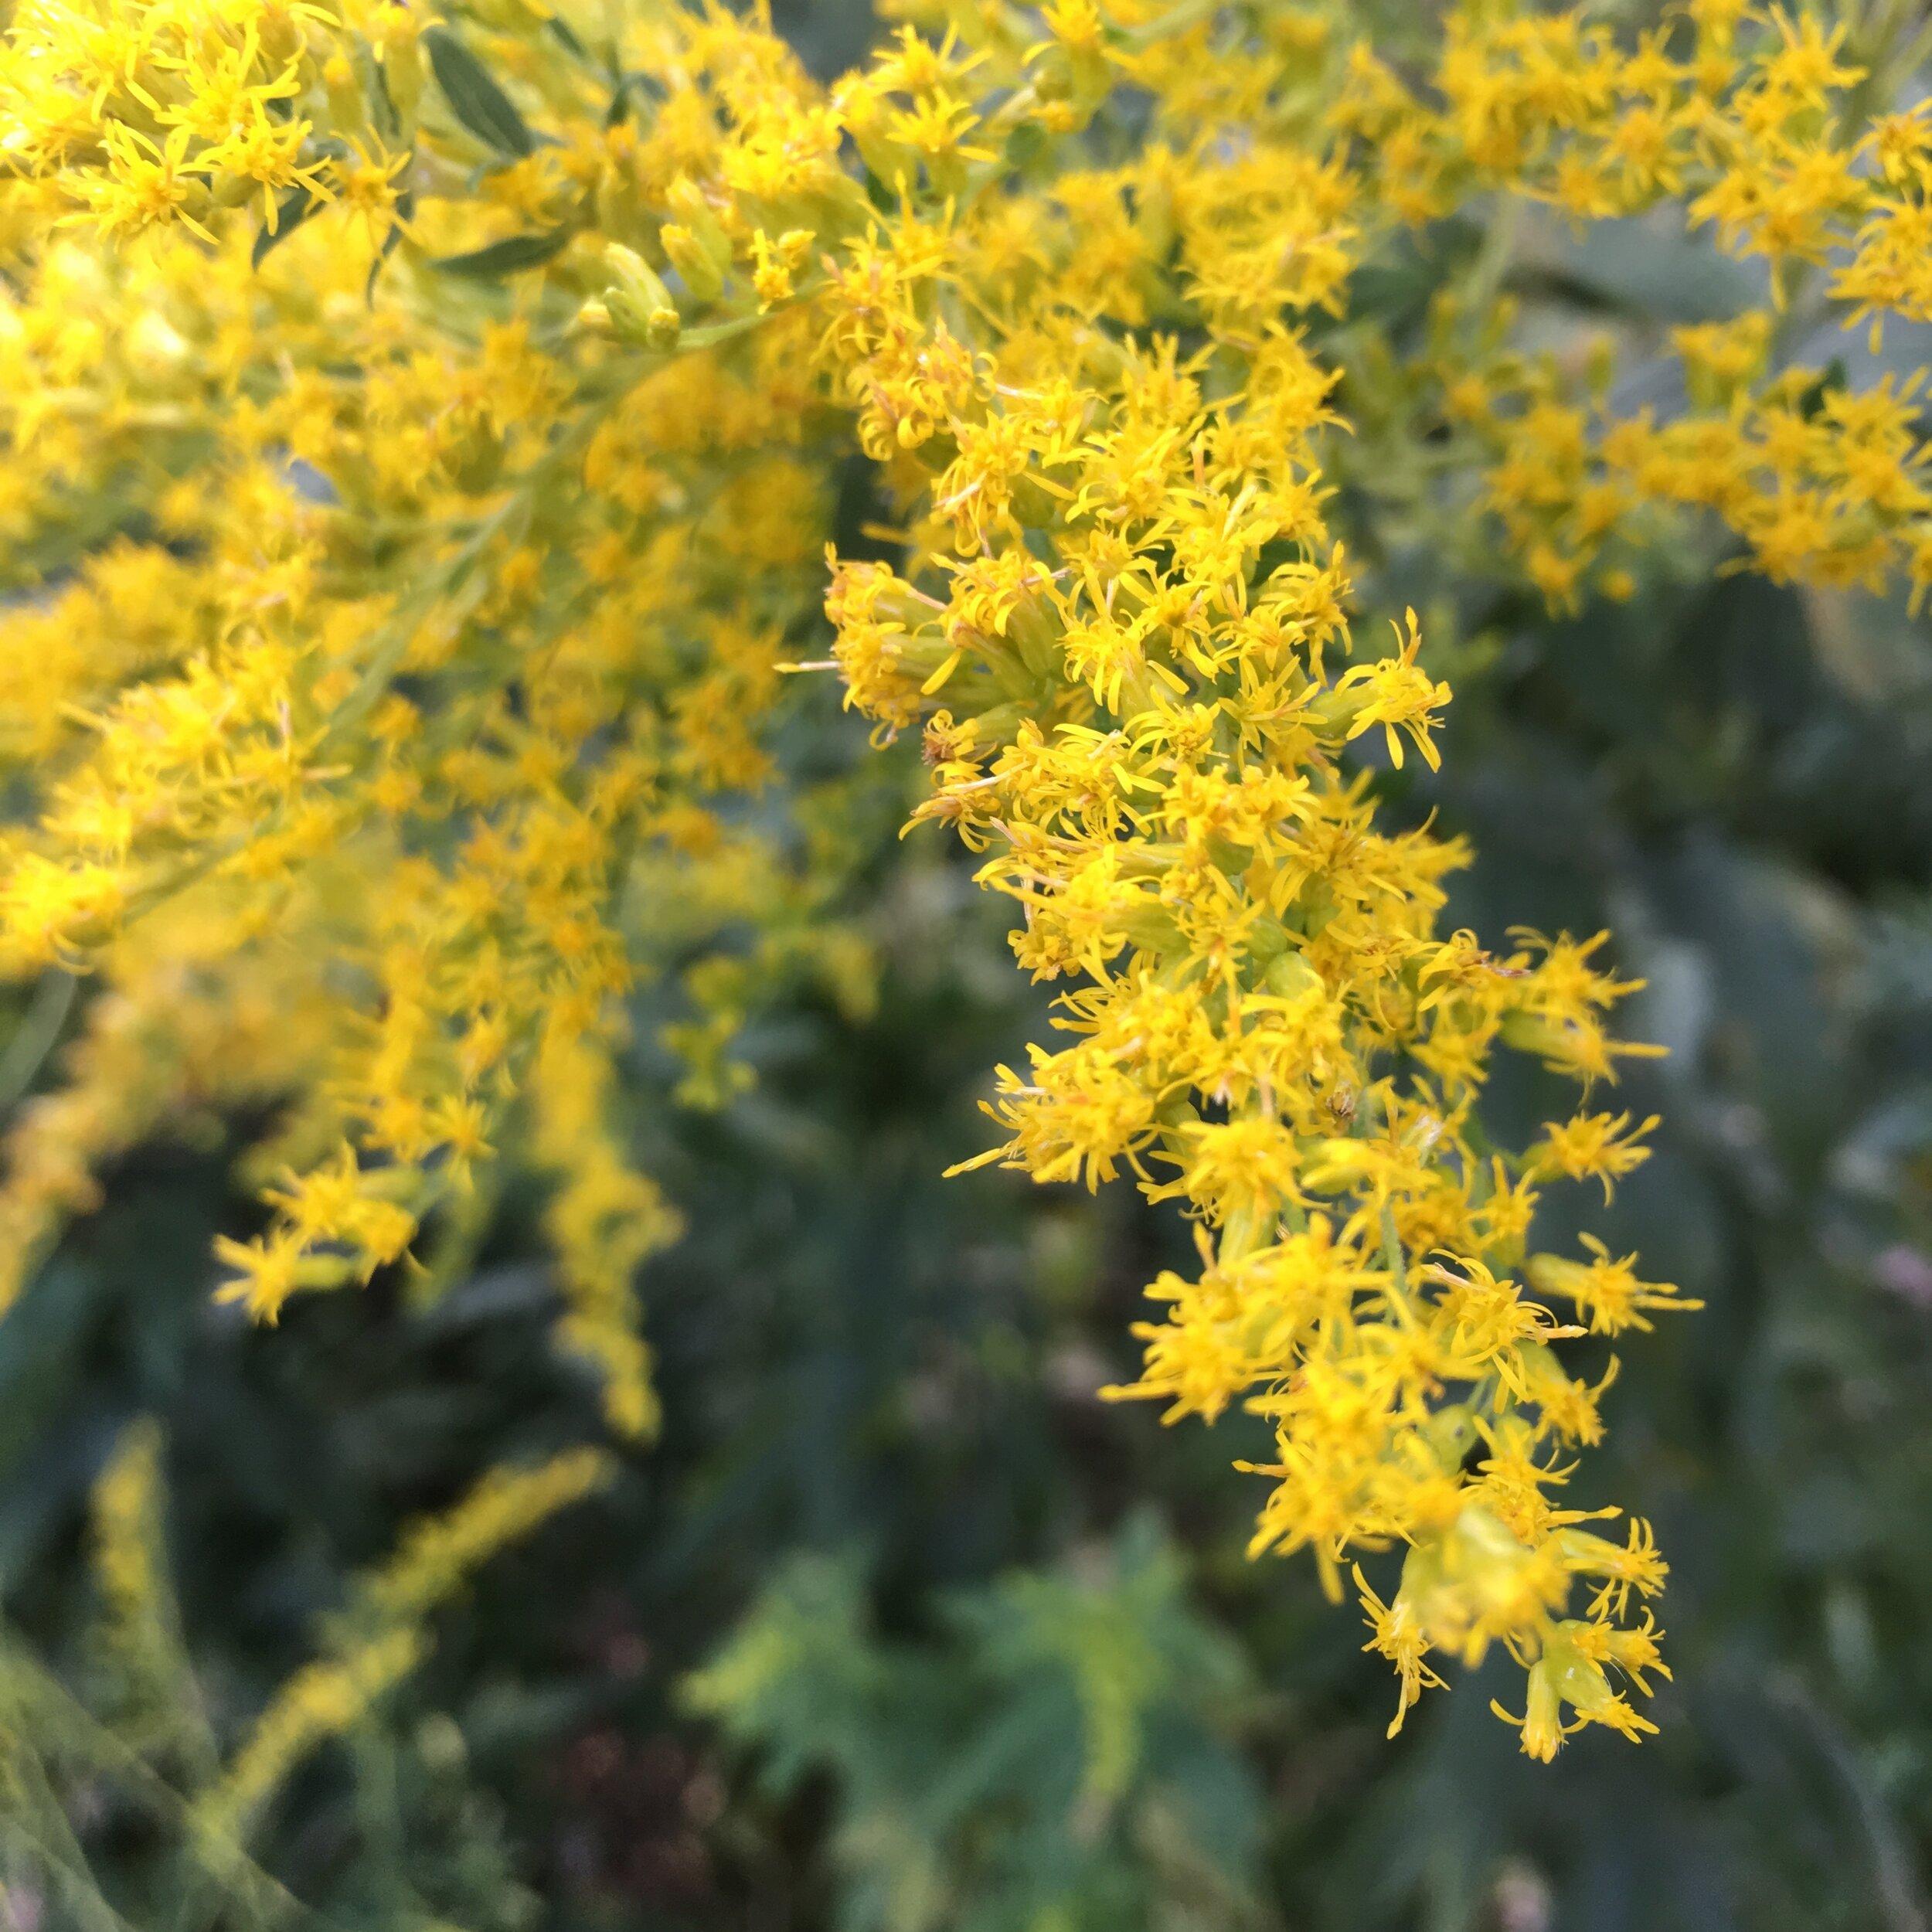 Goldenrod blooming in the September sun…